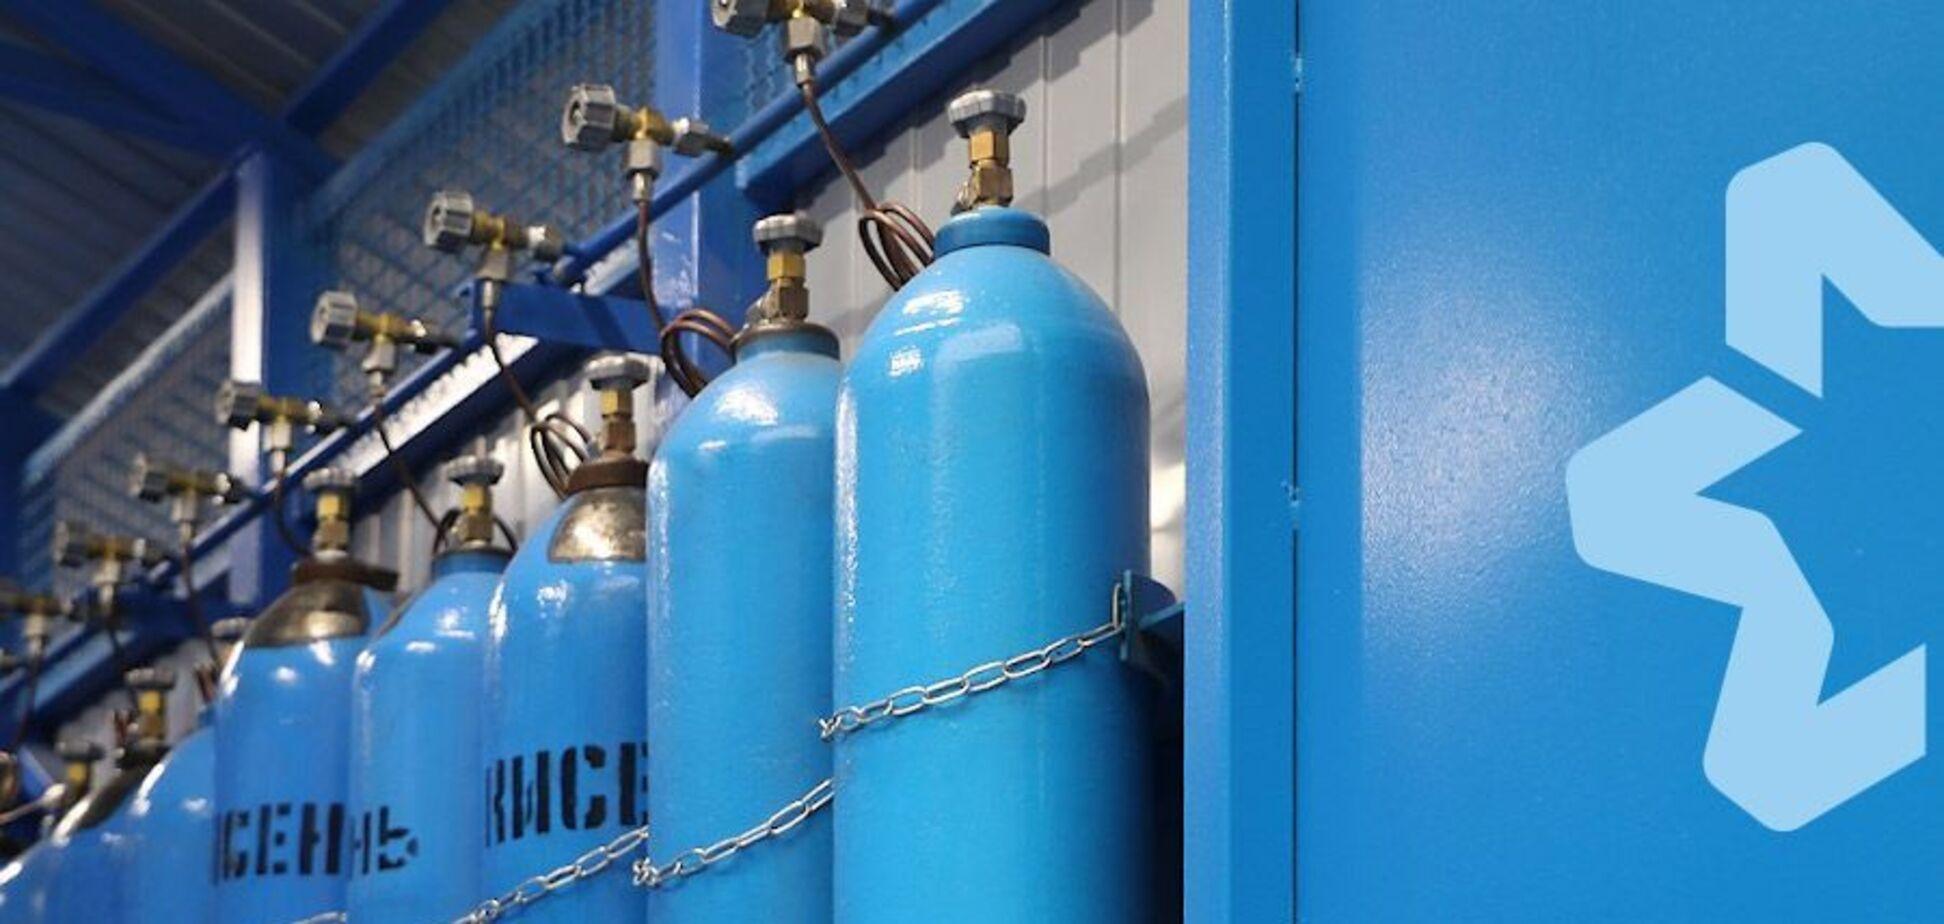 За останні п'ять років міські лікарні Маріуполя отримали понад 400 тис кубометрів кисню